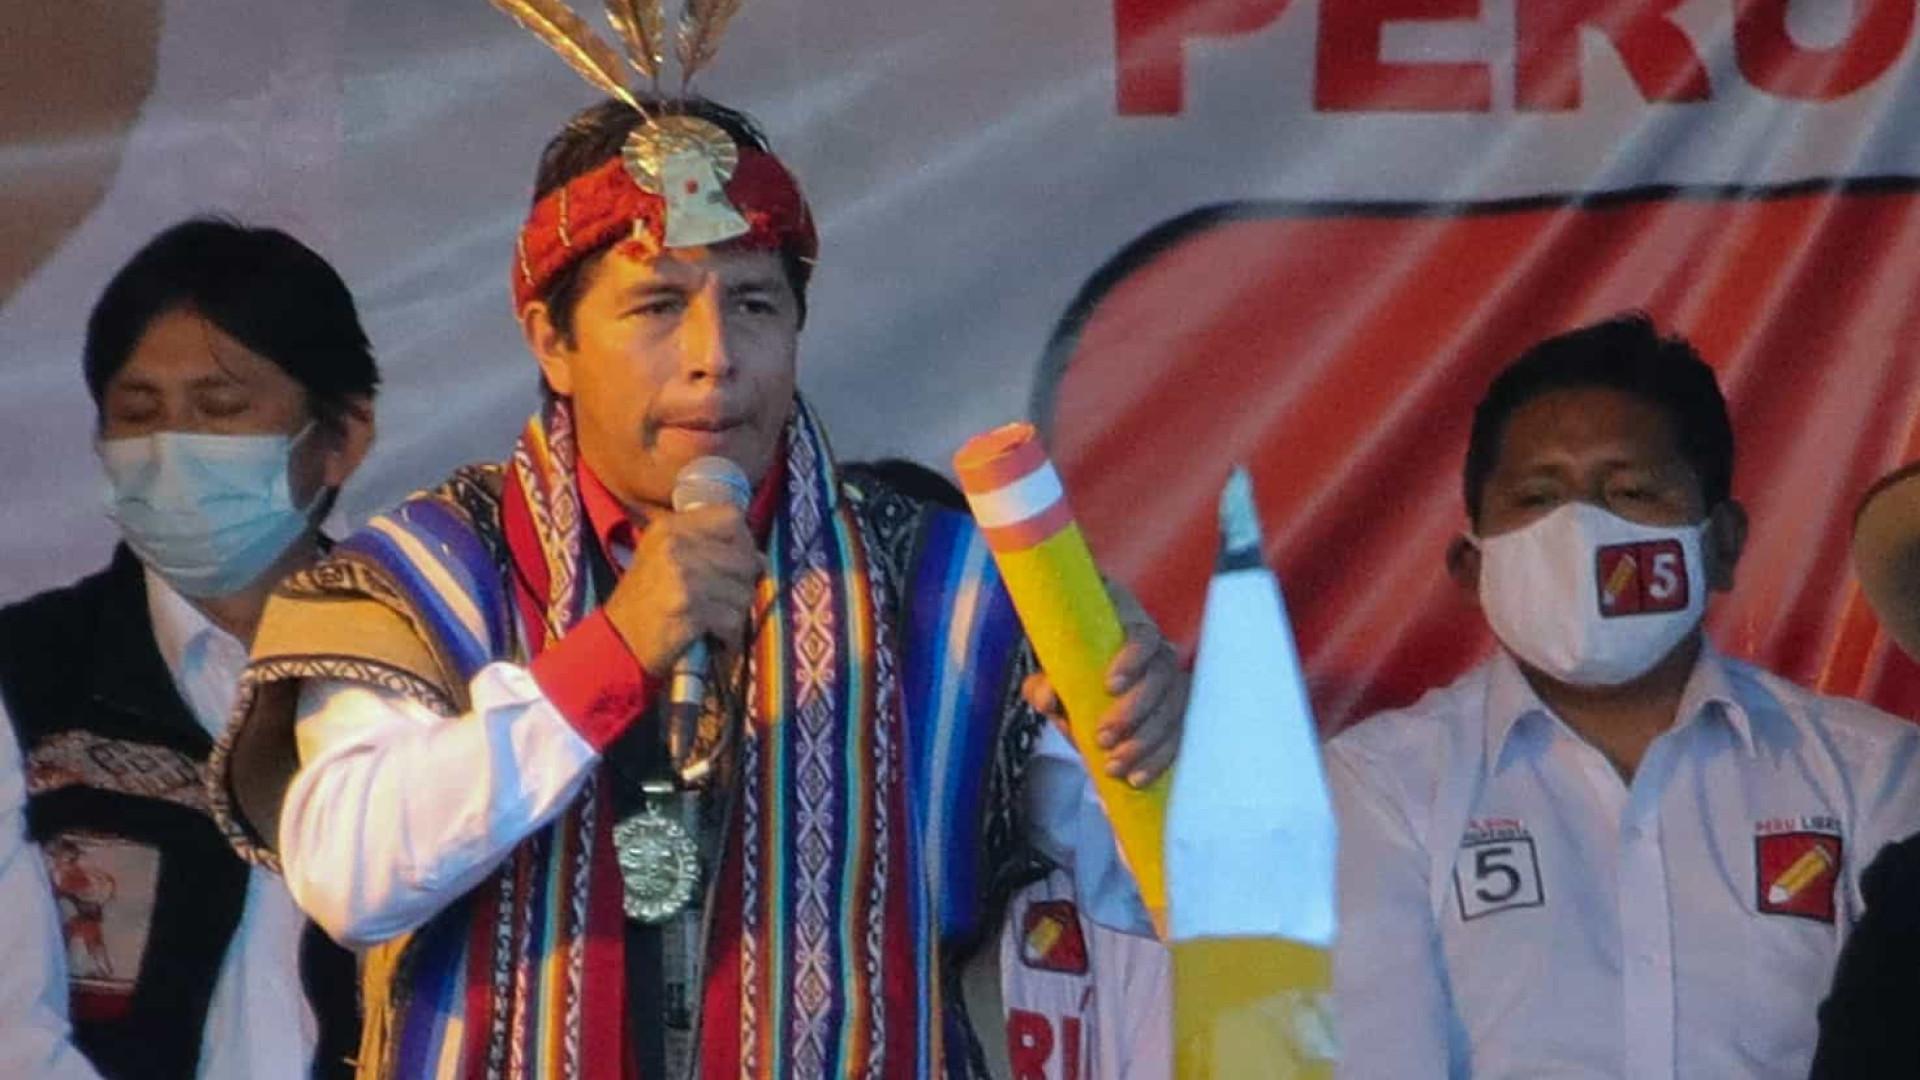 Em virada contra Keiko, Castillo assume liderança em eleições no Peru